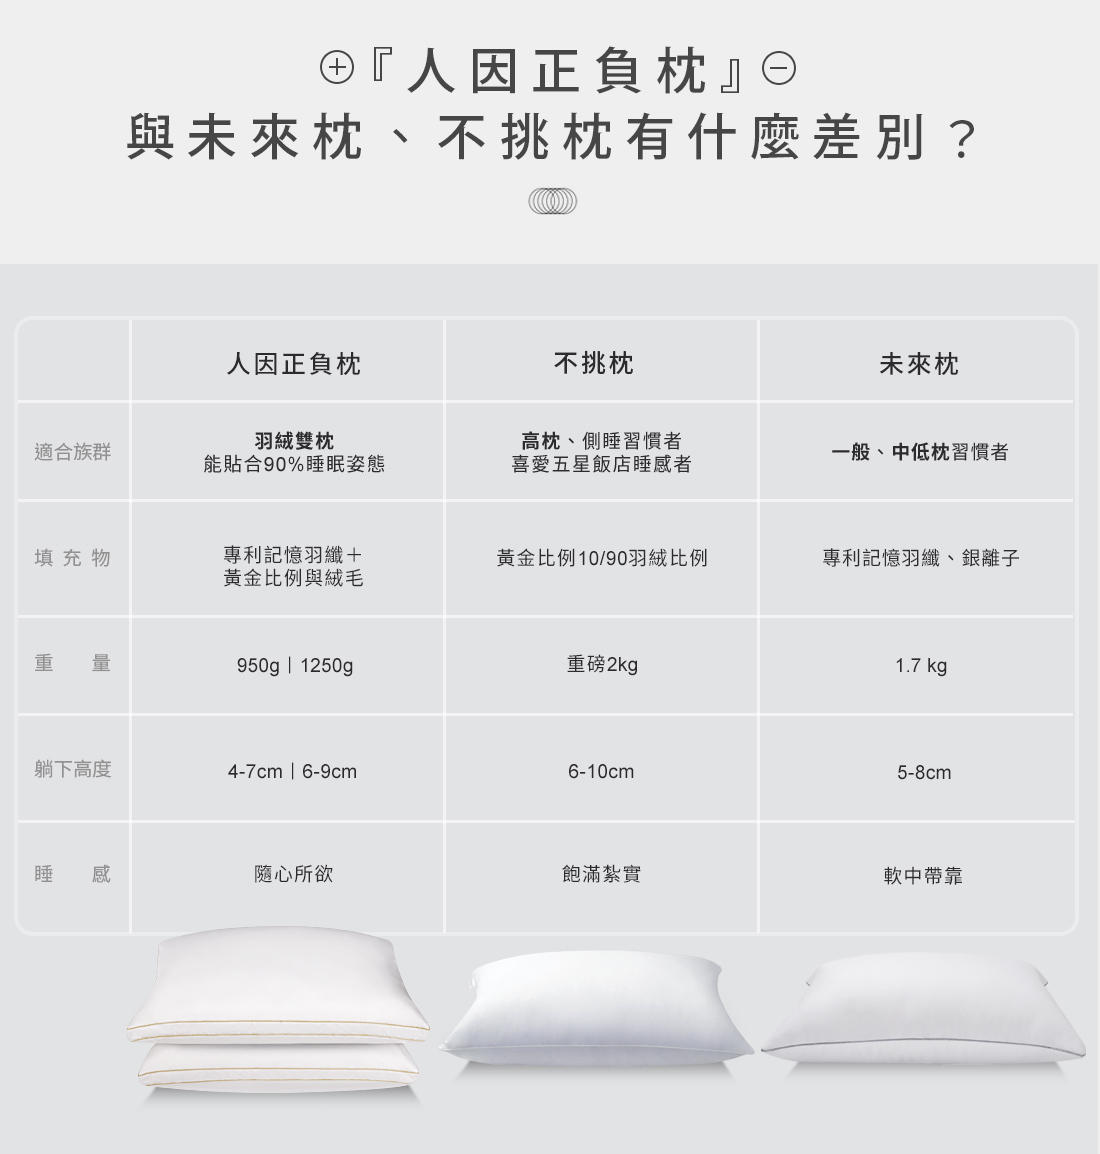 人因正負枕、未來枕、不挑枕,差異比較表